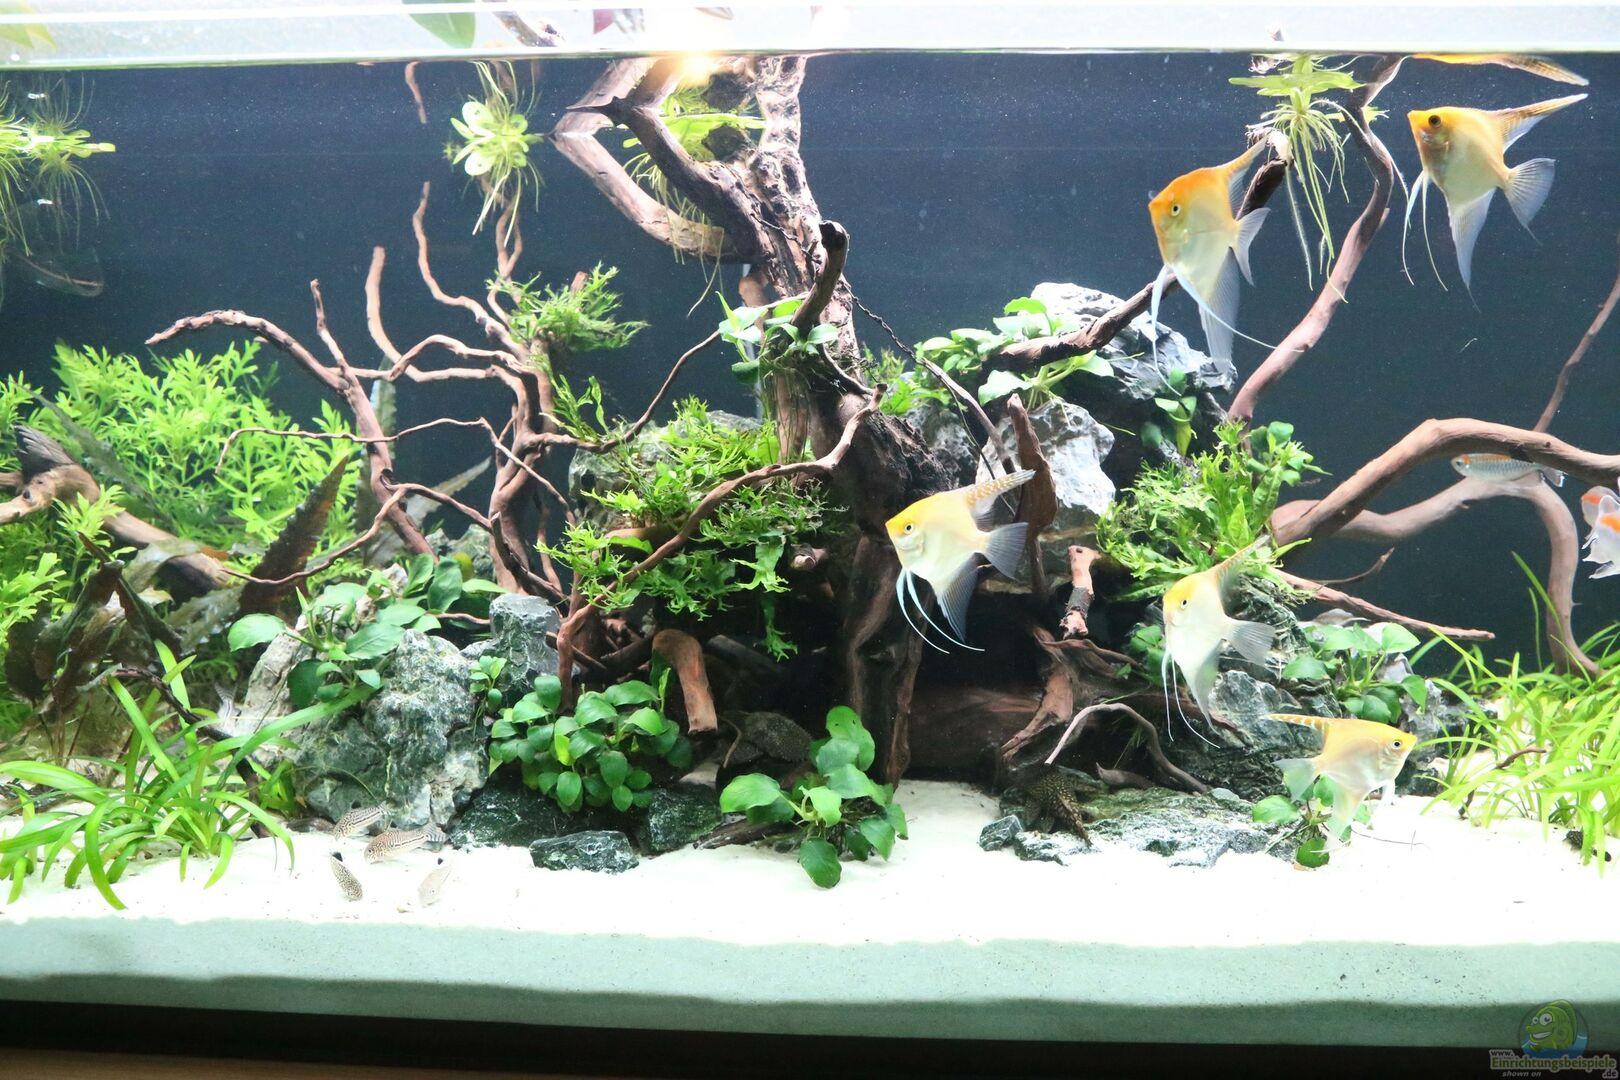 pflanzen im aquarium steinwurzel aus steinwurzel von michinet. Black Bedroom Furniture Sets. Home Design Ideas